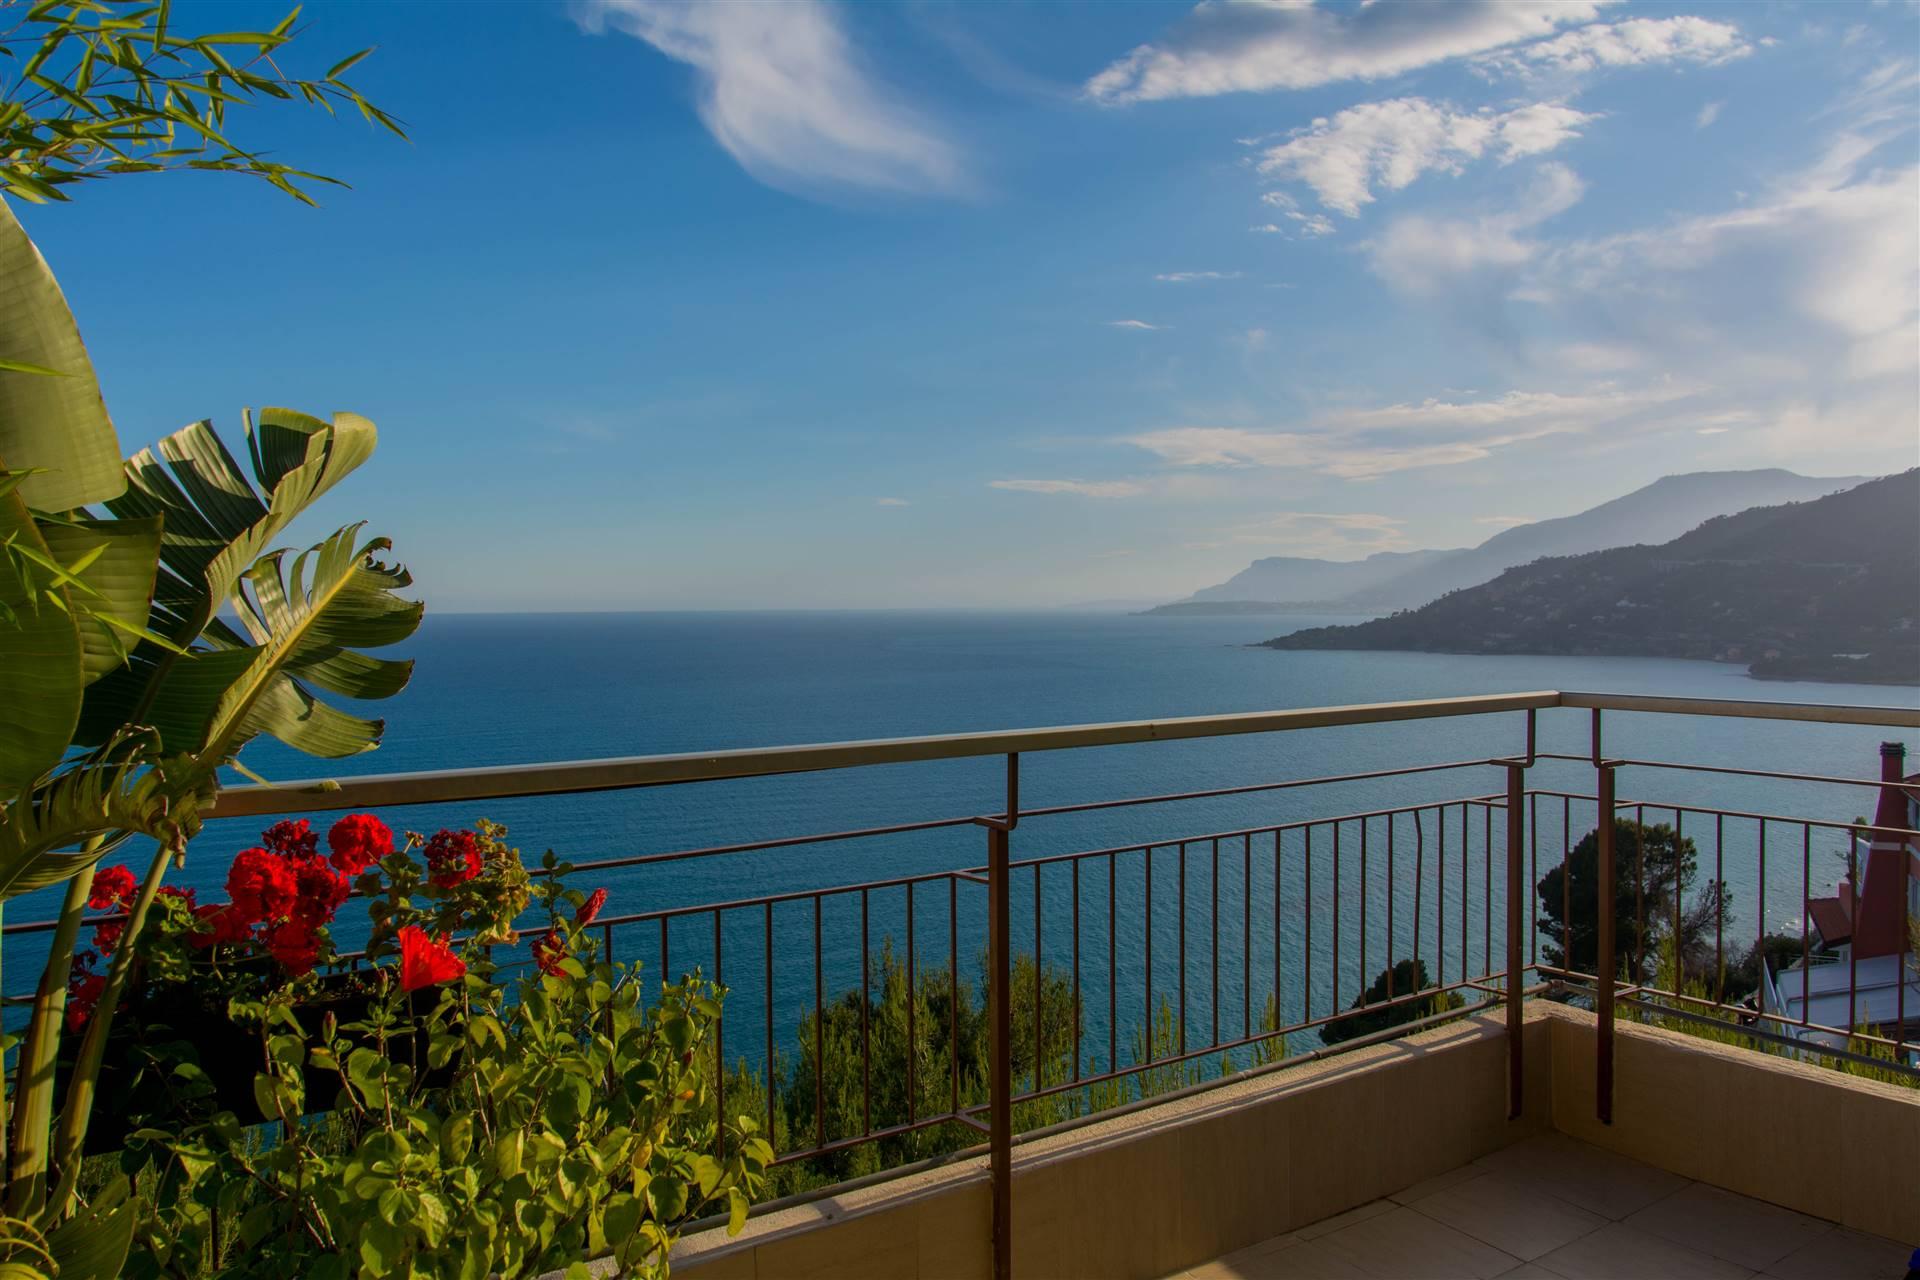 Appartamento in vendita a Ventimiglia, 2 locali, zona Zona: Ville, prezzo € 250.000 | CambioCasa.it